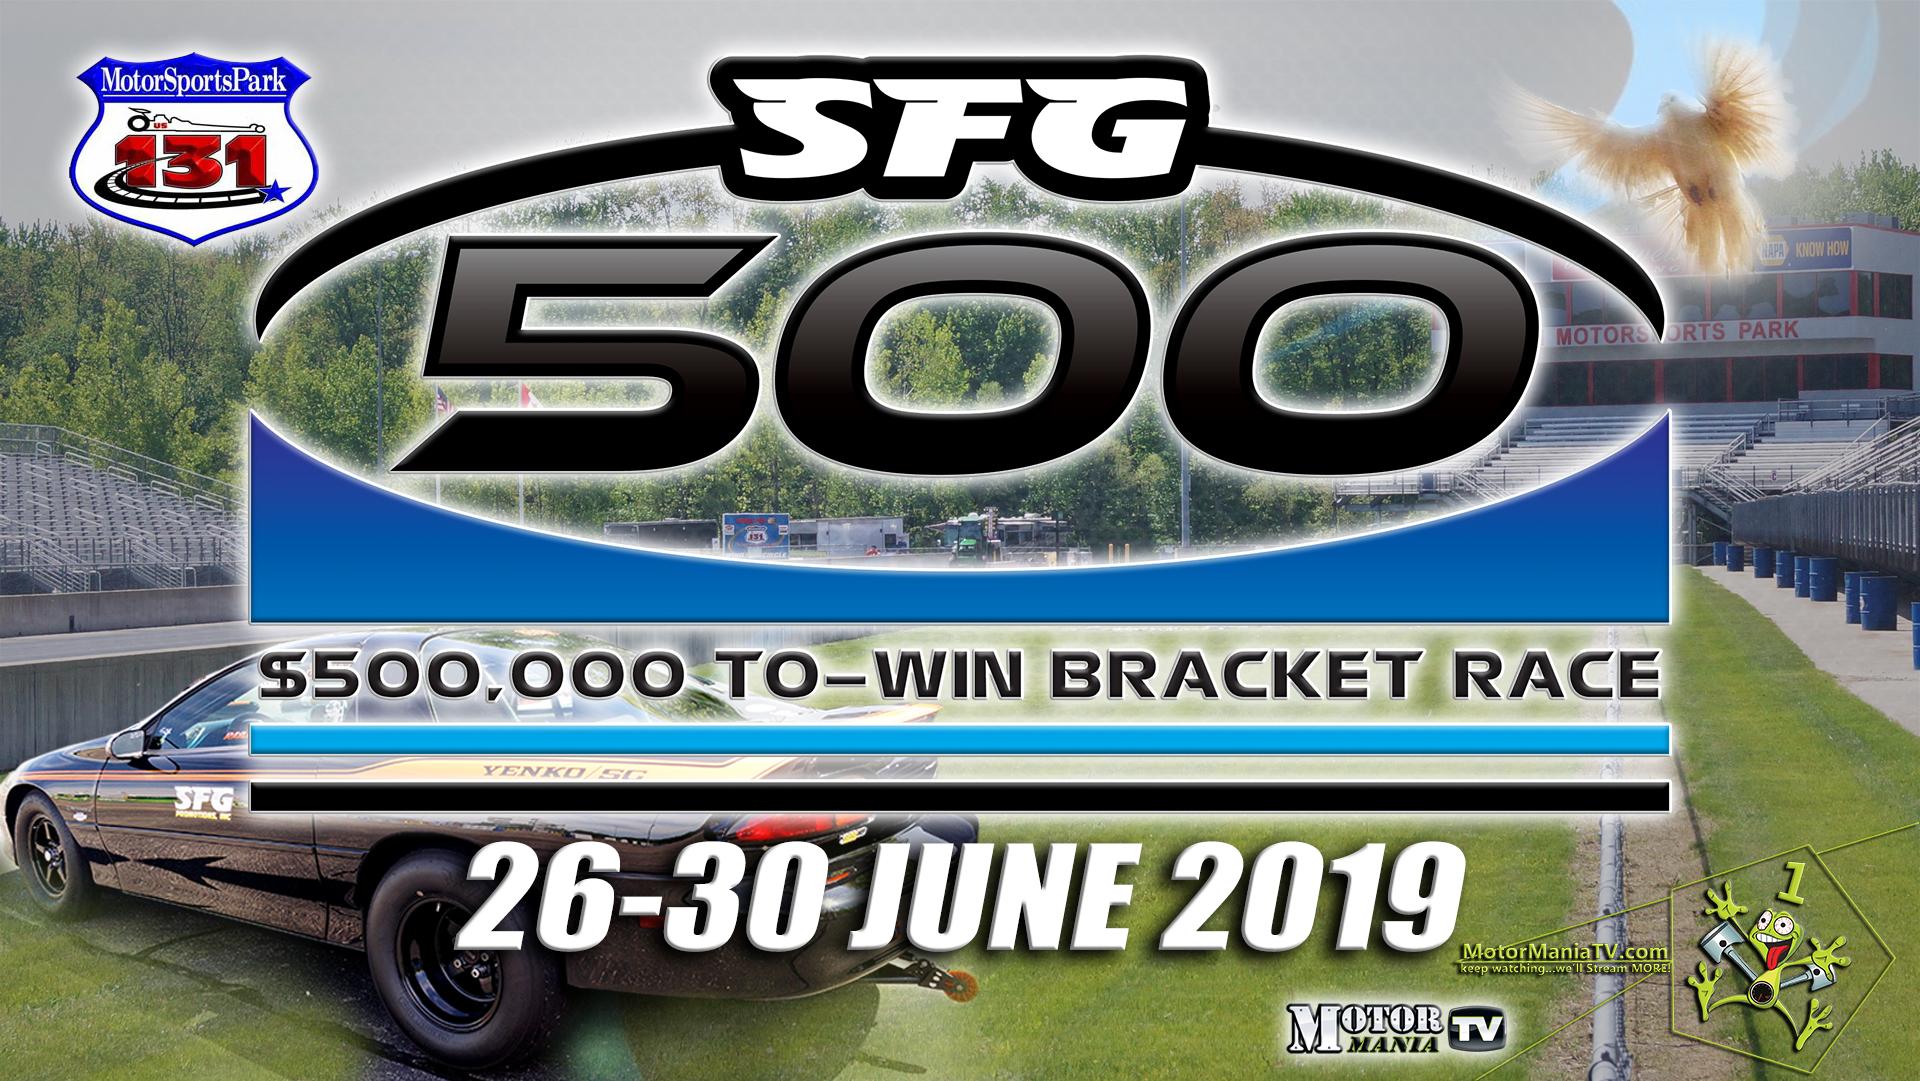 JUNE26-30_SFG500-2019_Wps3